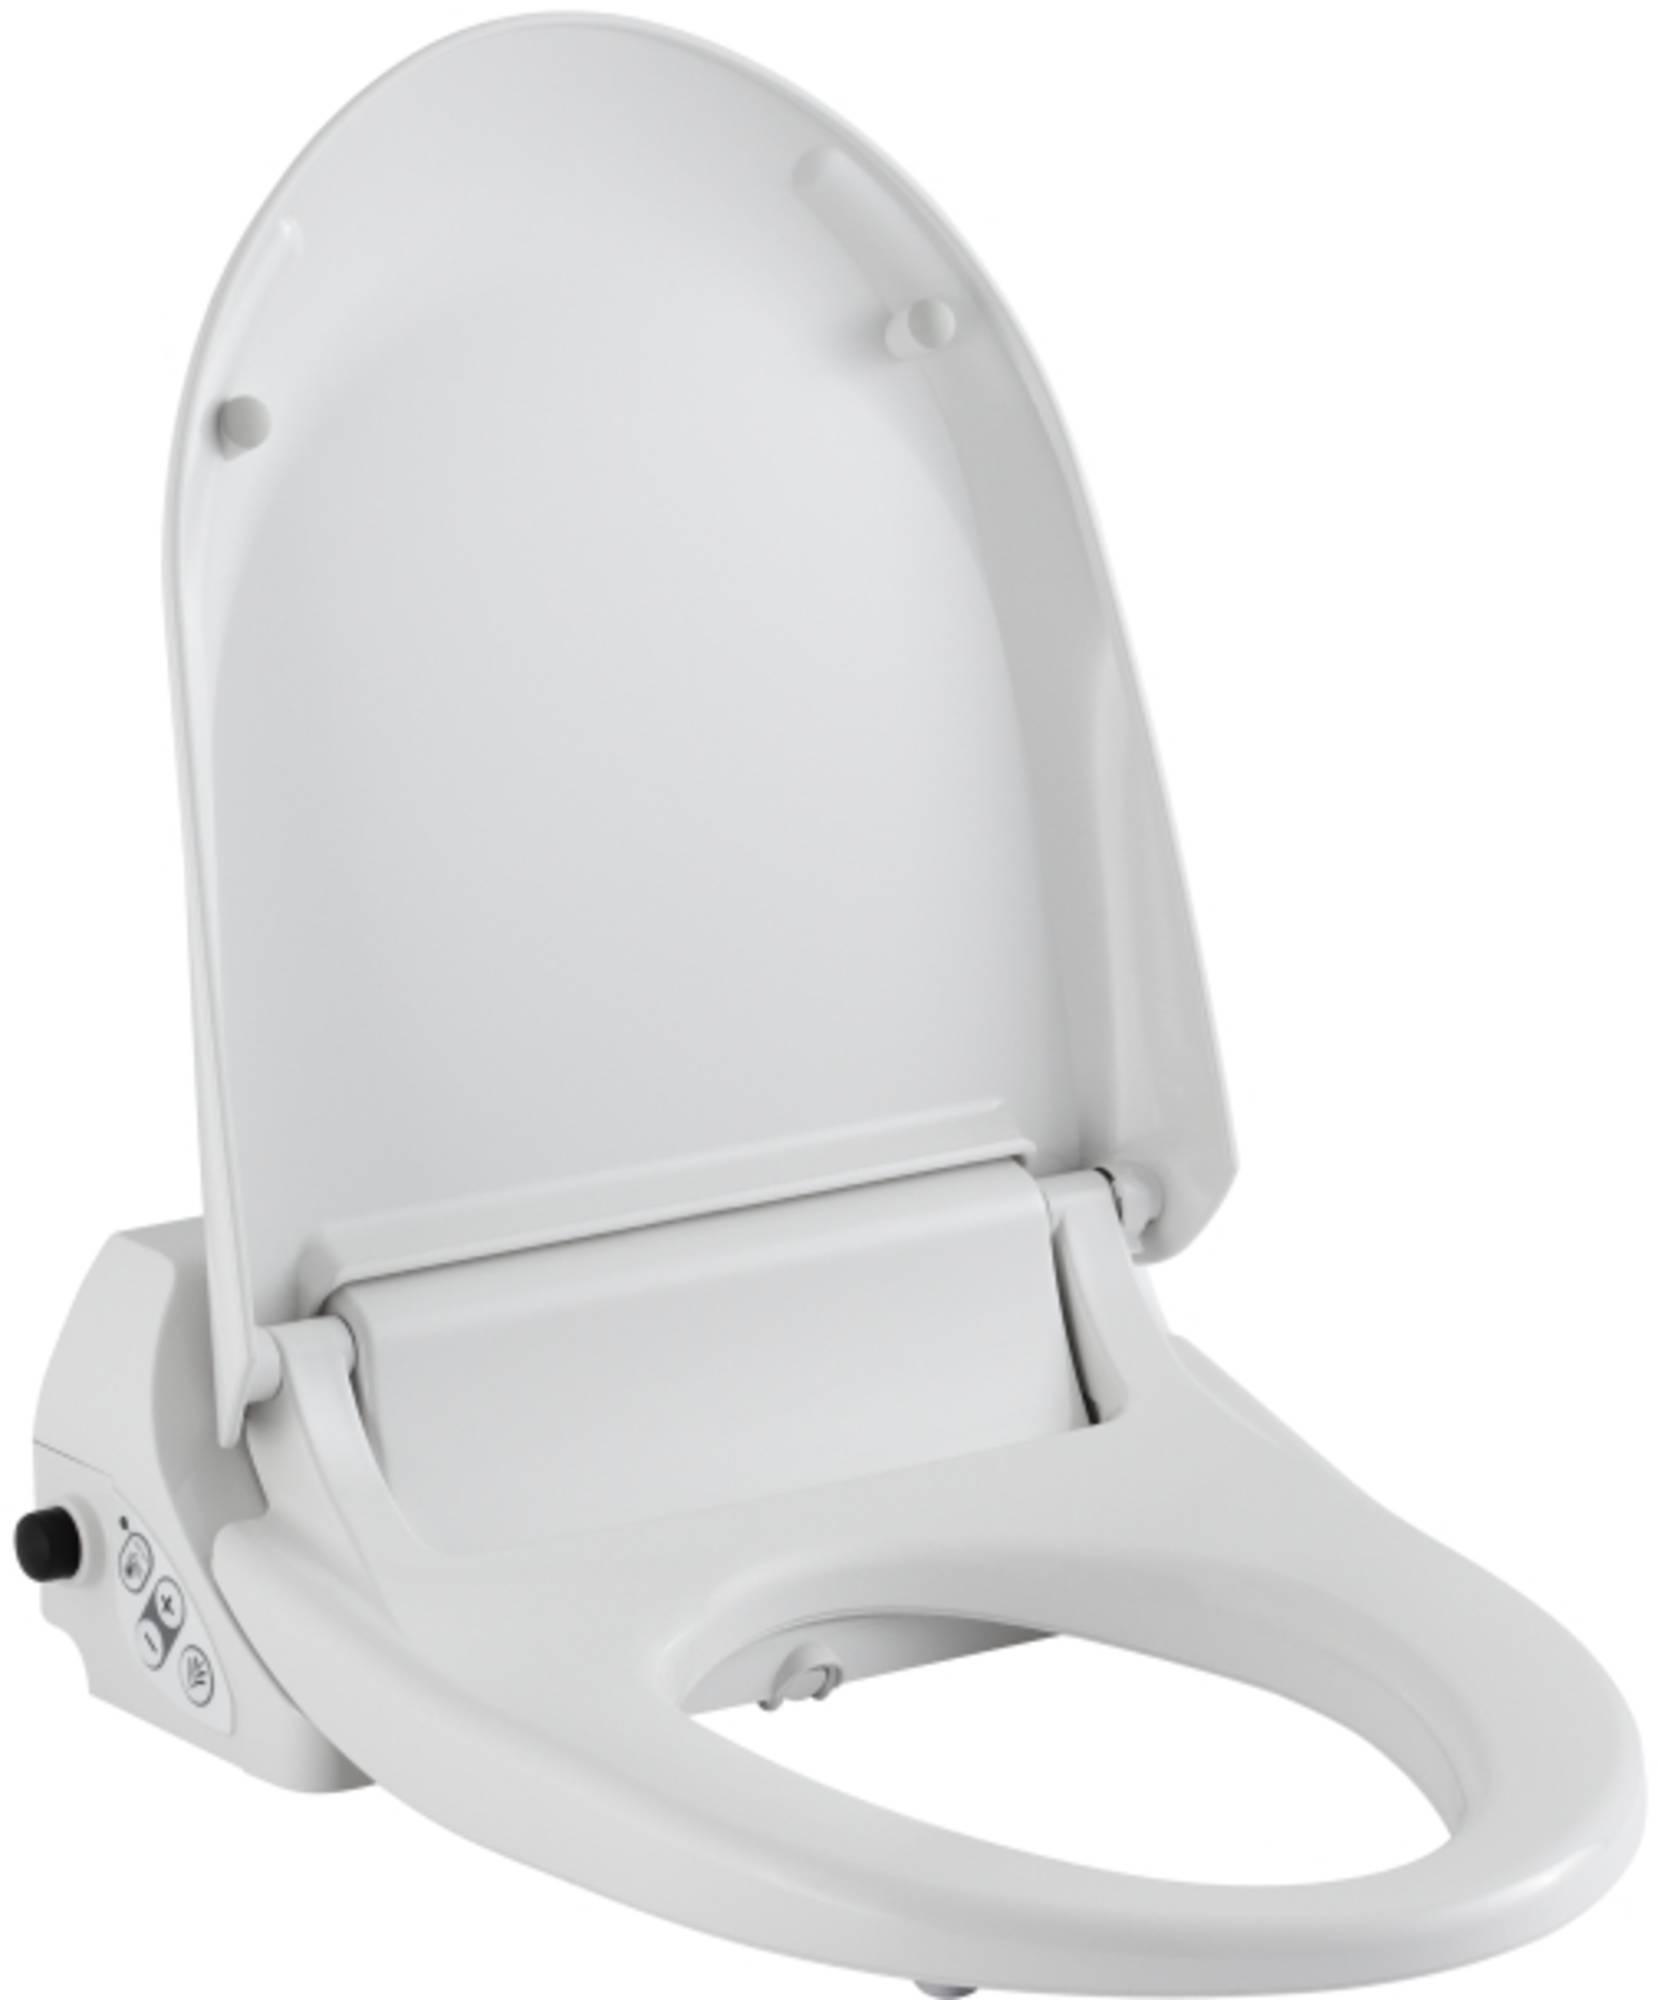 Productafbeelding van Geberit Aquaclean 4000 douche wc zitting Wit